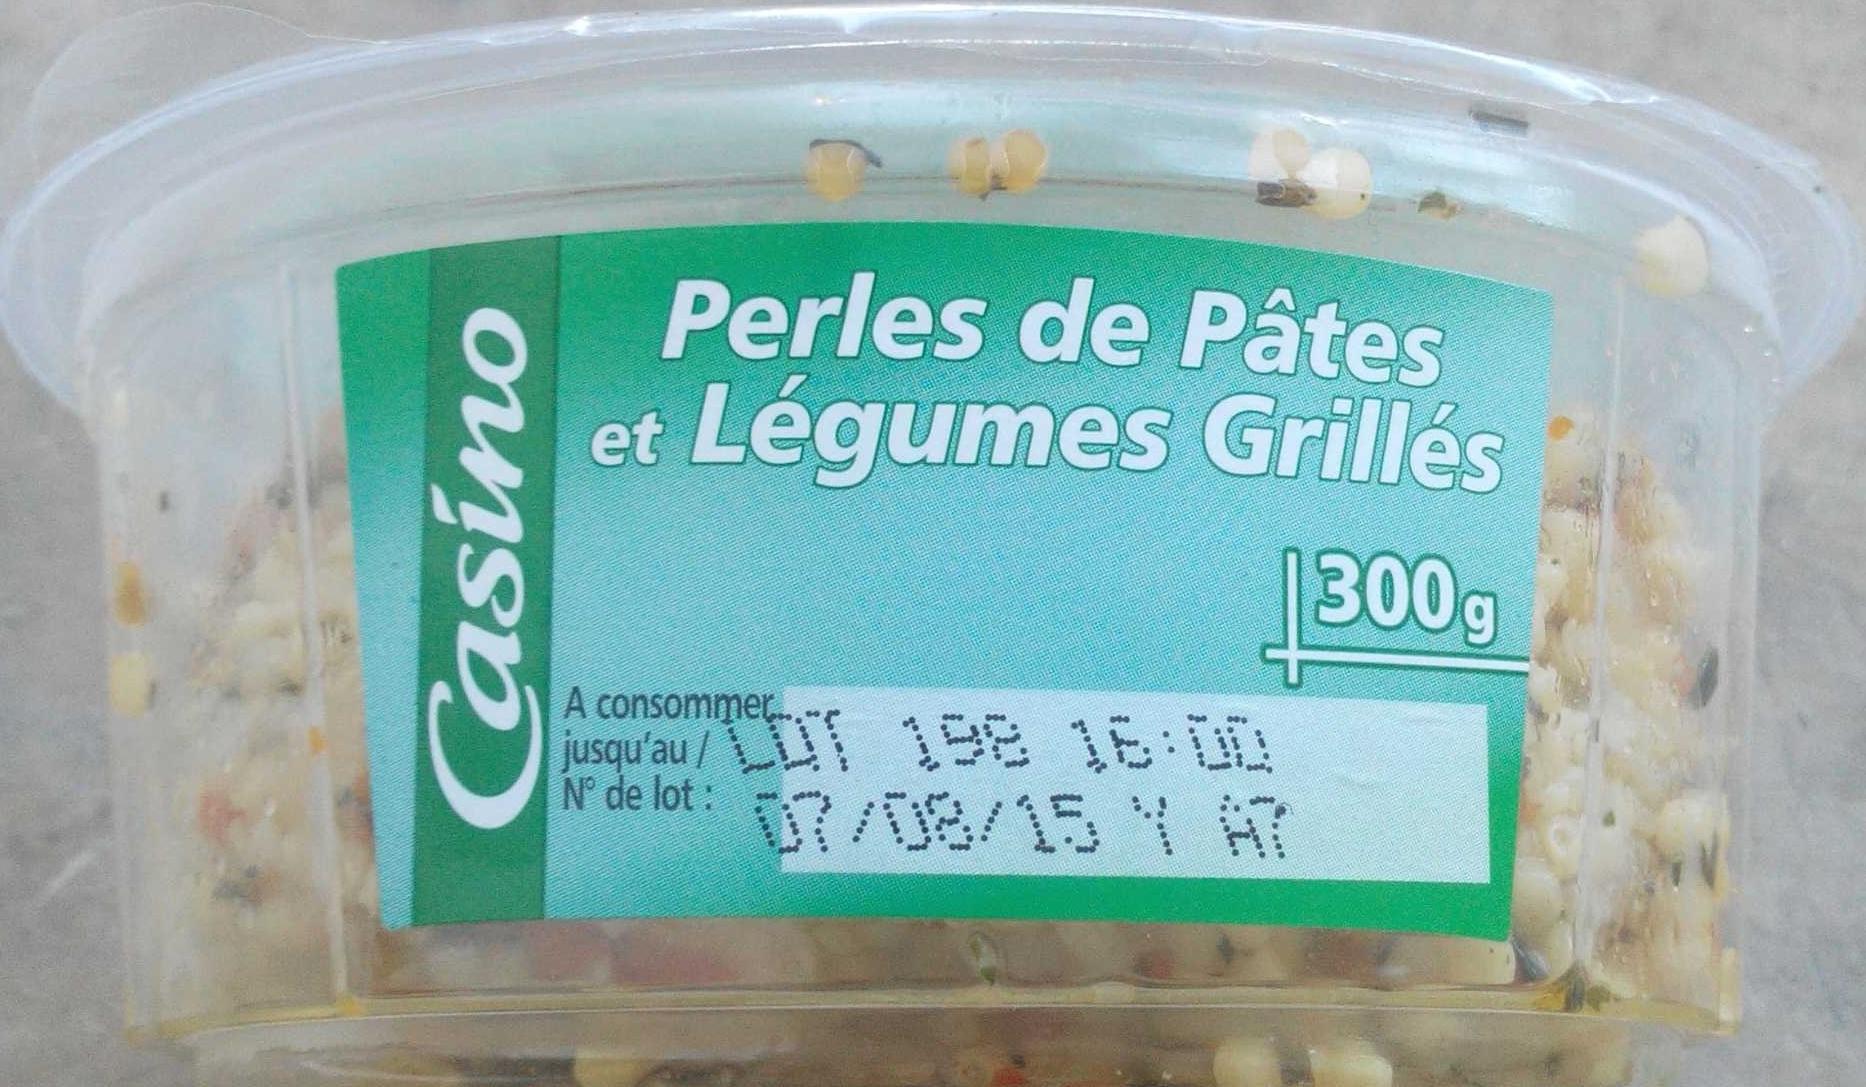 Perles de pâtes et légumes grillés - Produit - fr